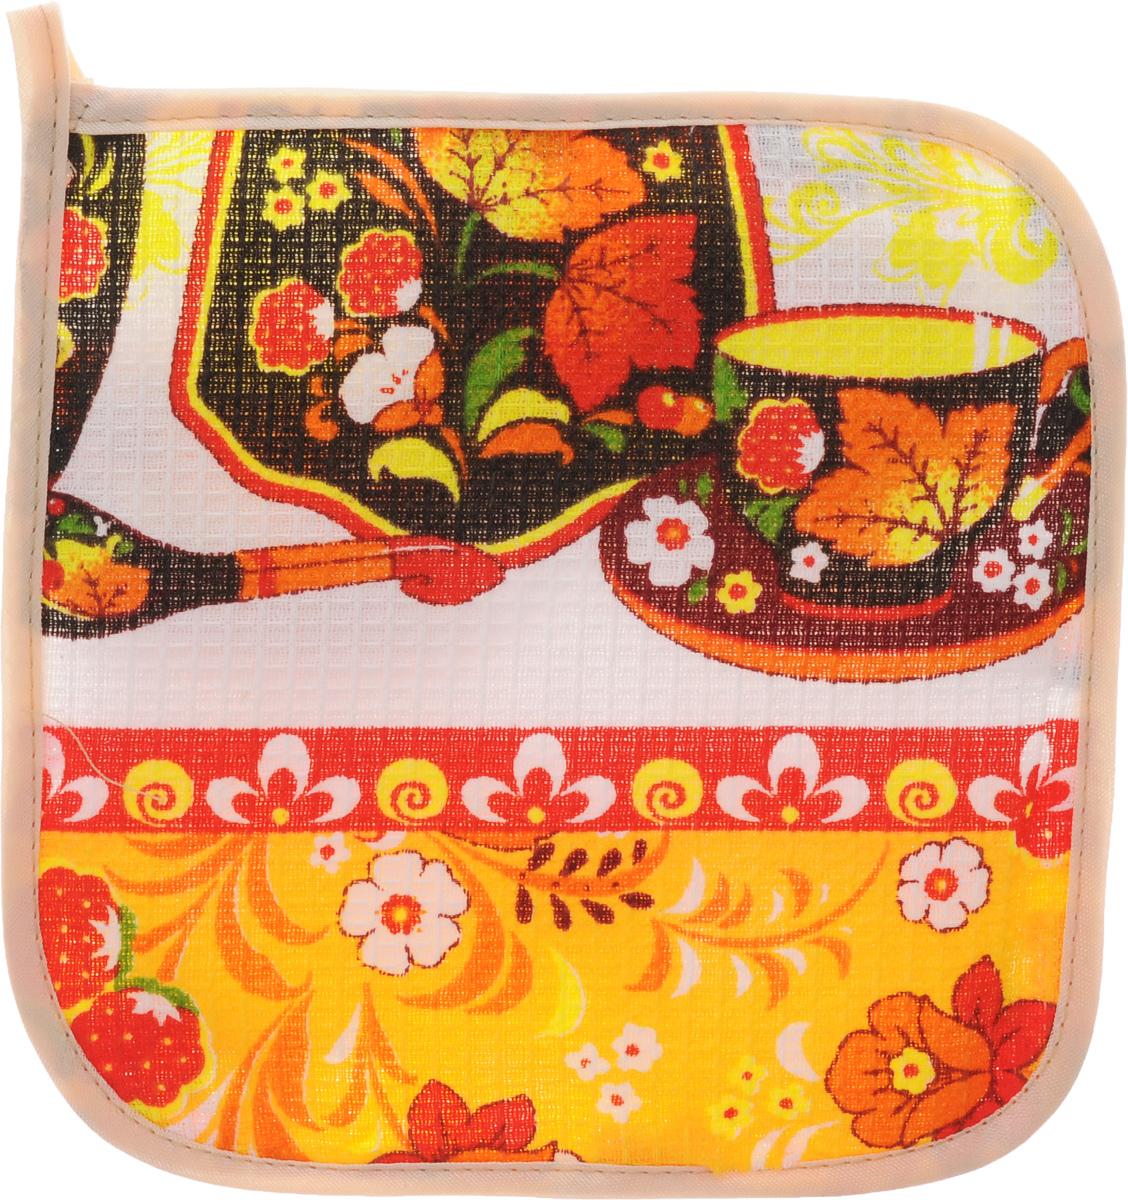 Прихватка Roko, 17 х 17 см. 115358115358Прихватка Roko - незаменимый помощник на любой кухне. Изделие выполнено натурального 100% хлопка и оформлено красочным принтом. Прихватка мягкая, удобная и практичная. Она защитит ваши руки и предотвратит появление ожогов. Оригинальный дизайн позволит красиво дополнить интерьер кухни. С помощью текстильной петельки прихватку можно подвесить на крючок. Уважаемые клиенты! Товар поставляется в цветовом ассортименте. Поставка осуществляется в зависимости от наличия на складе.